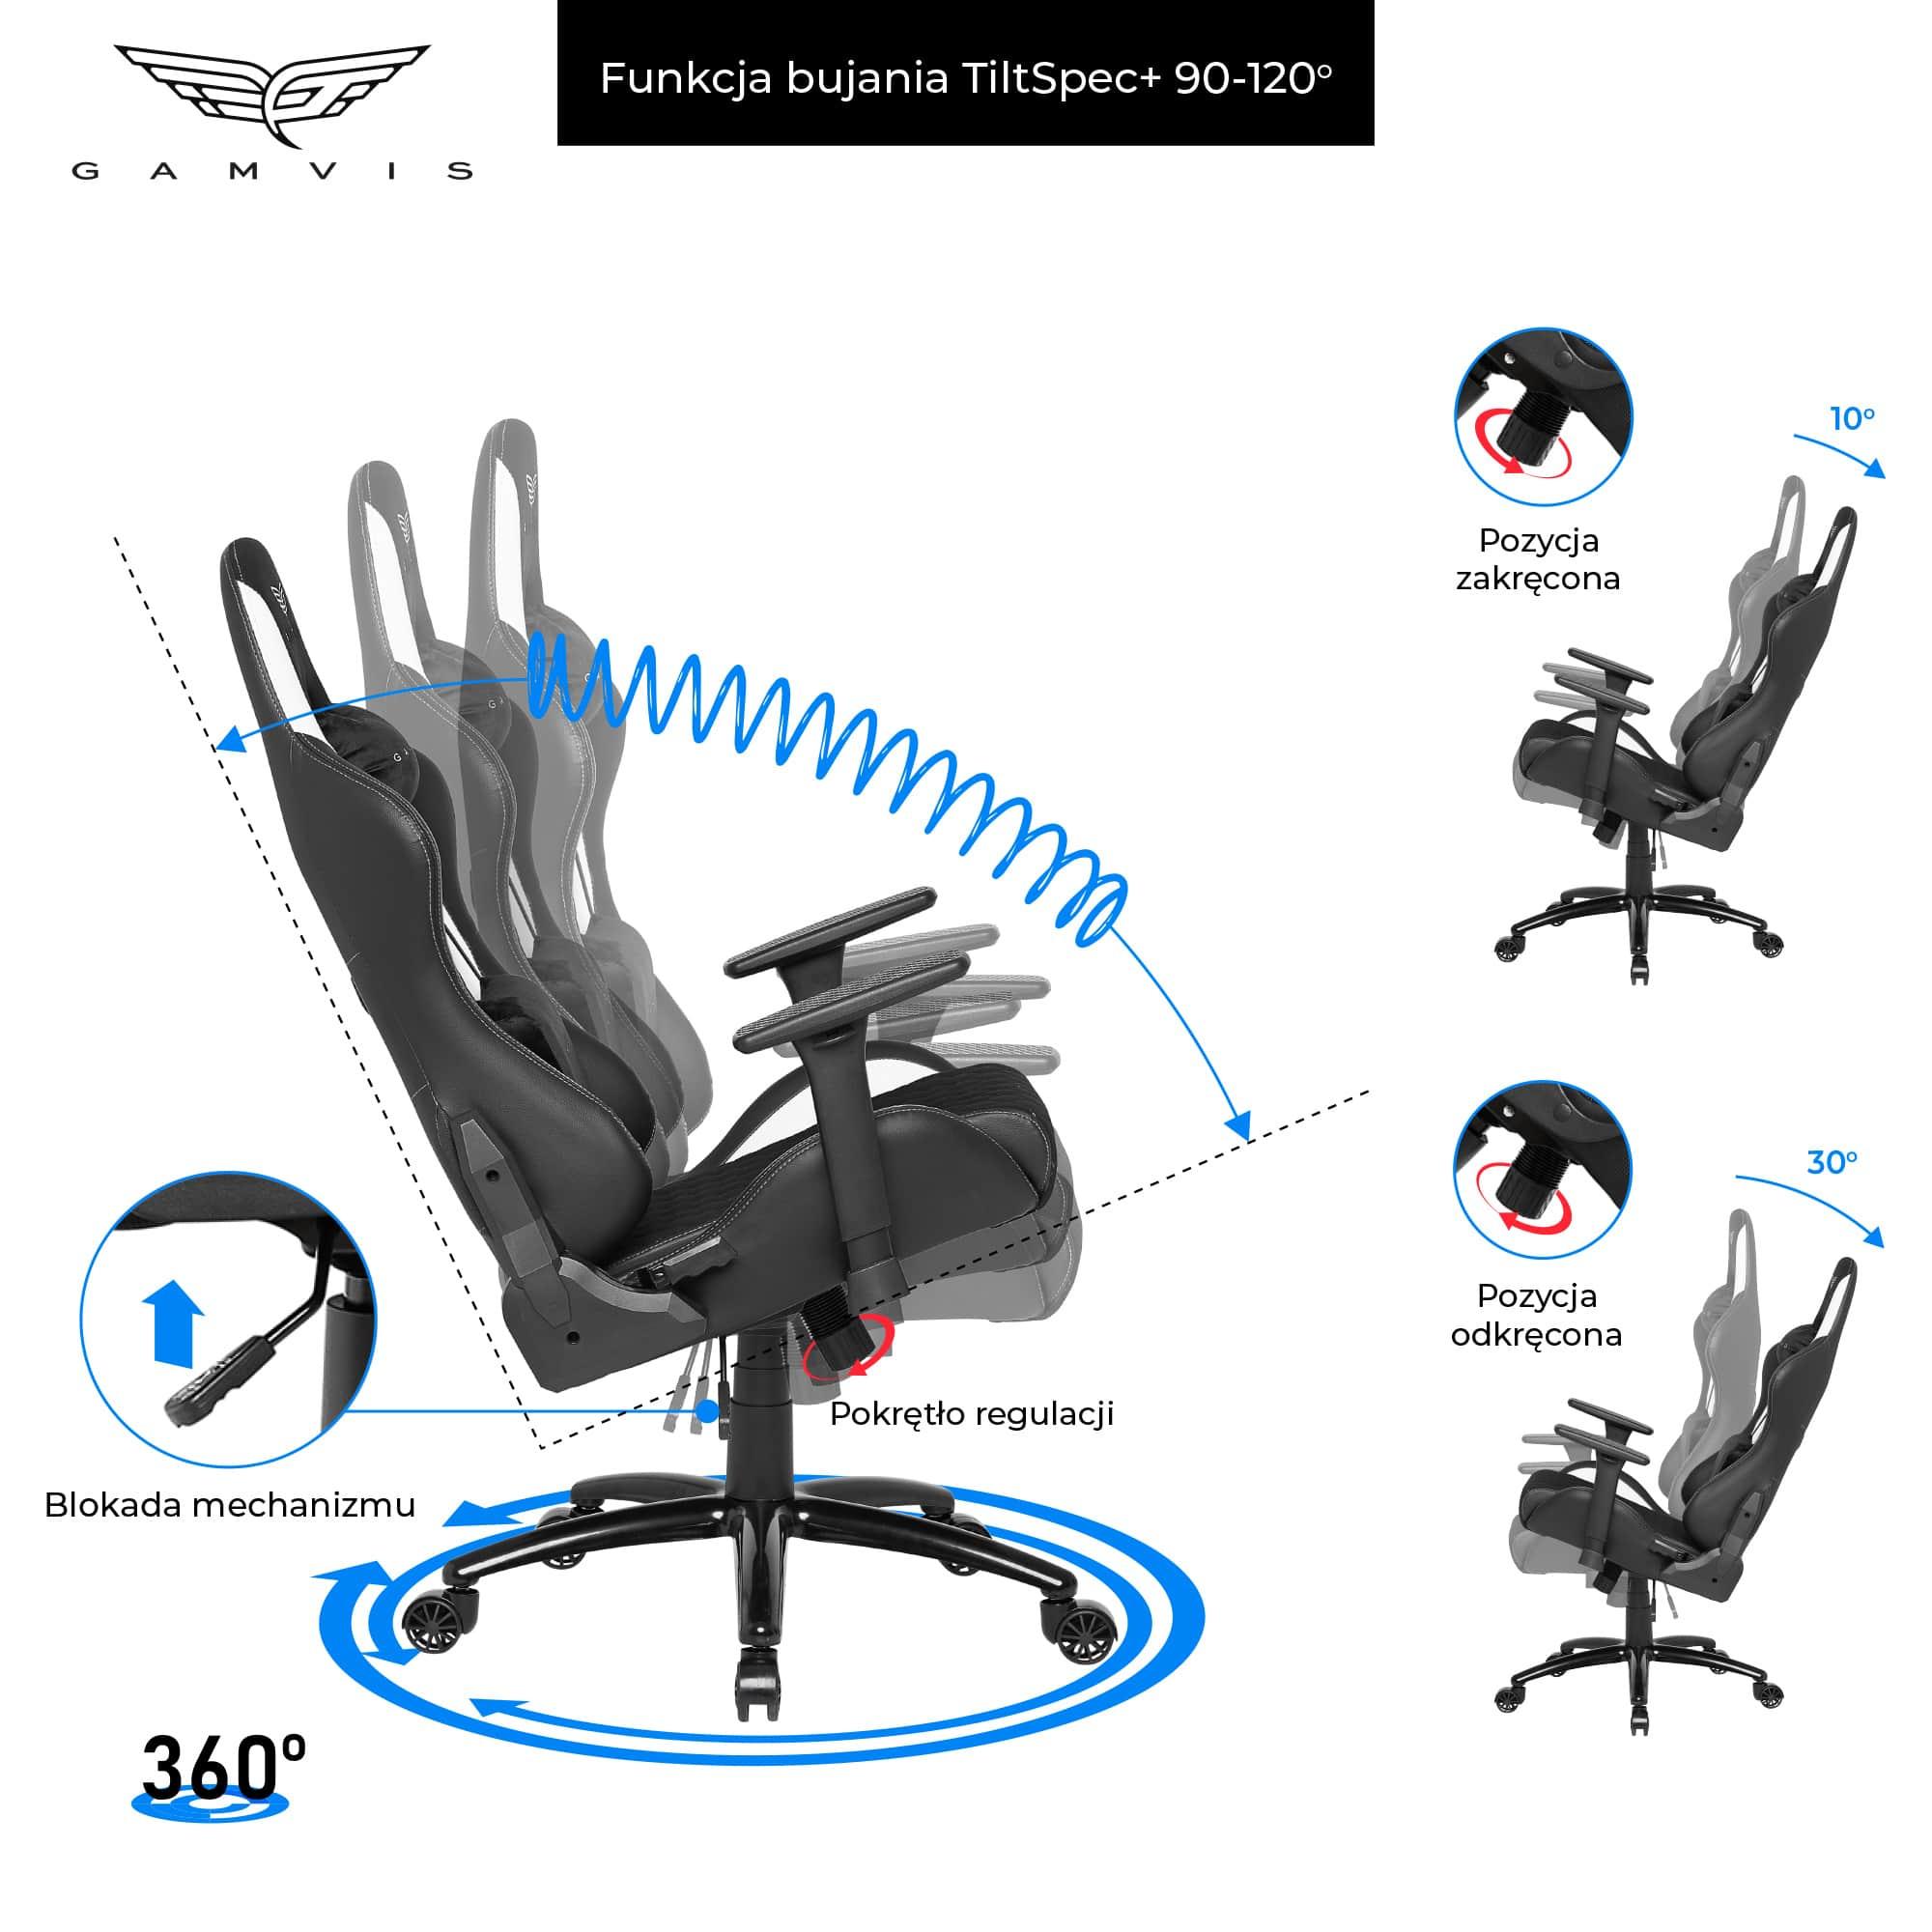 Materiałowy Fotel gamingowy Gamvis Phantom Biały 6